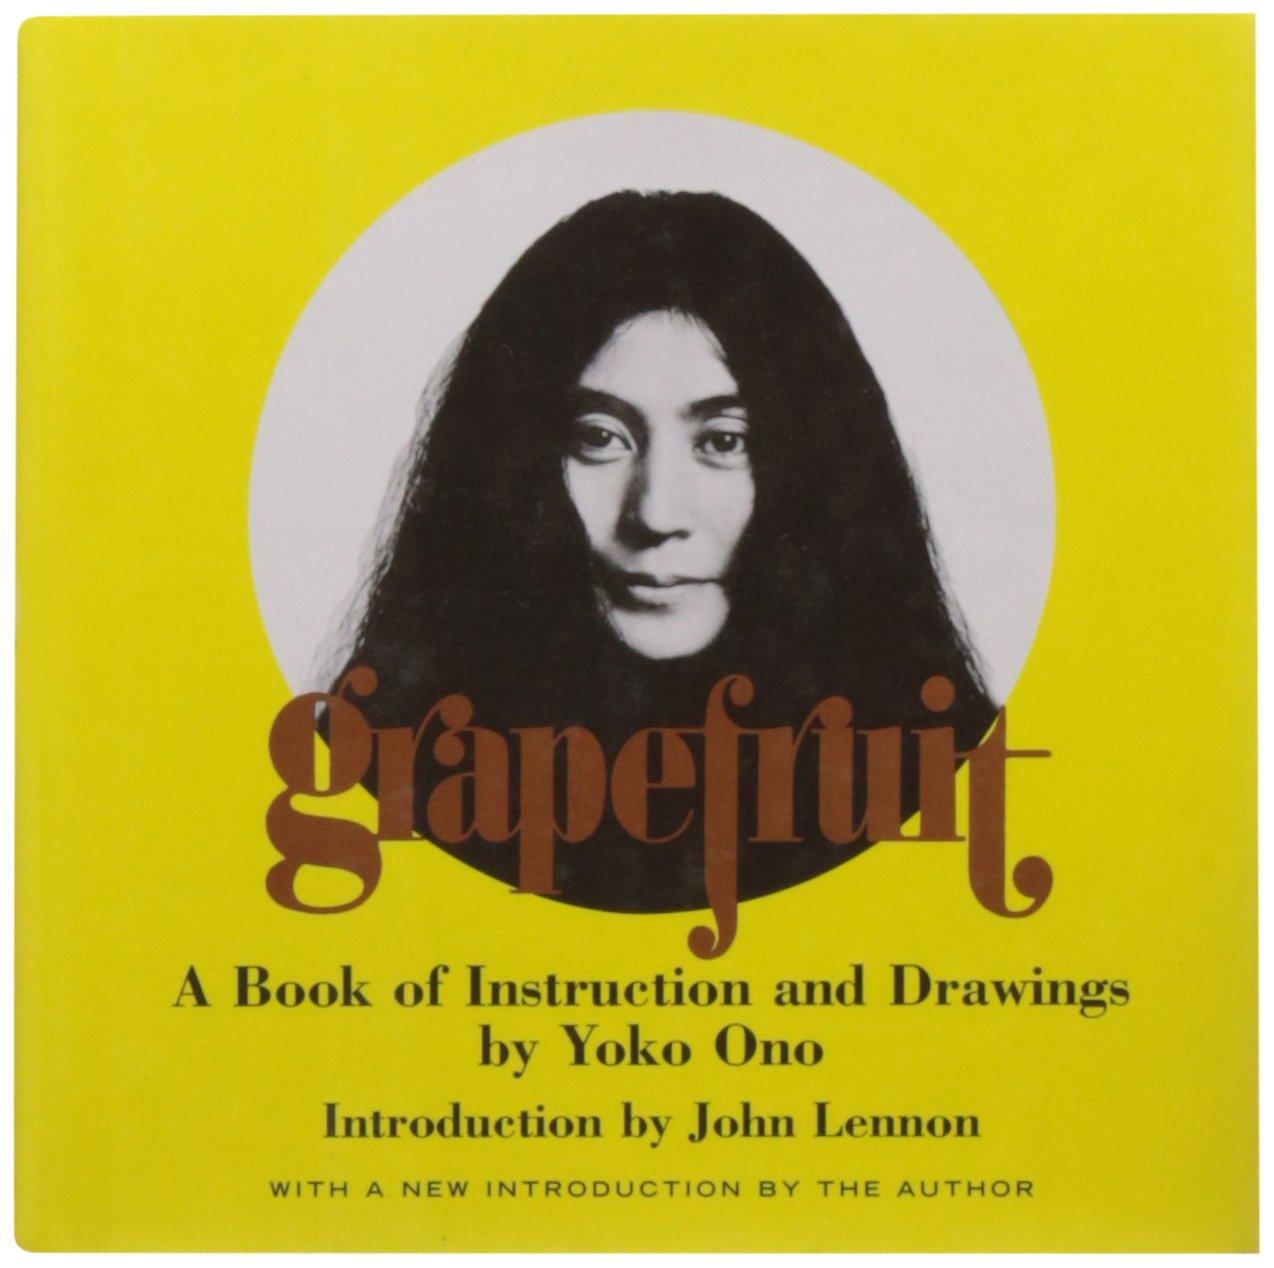 Yoko Ono, Grapefruit